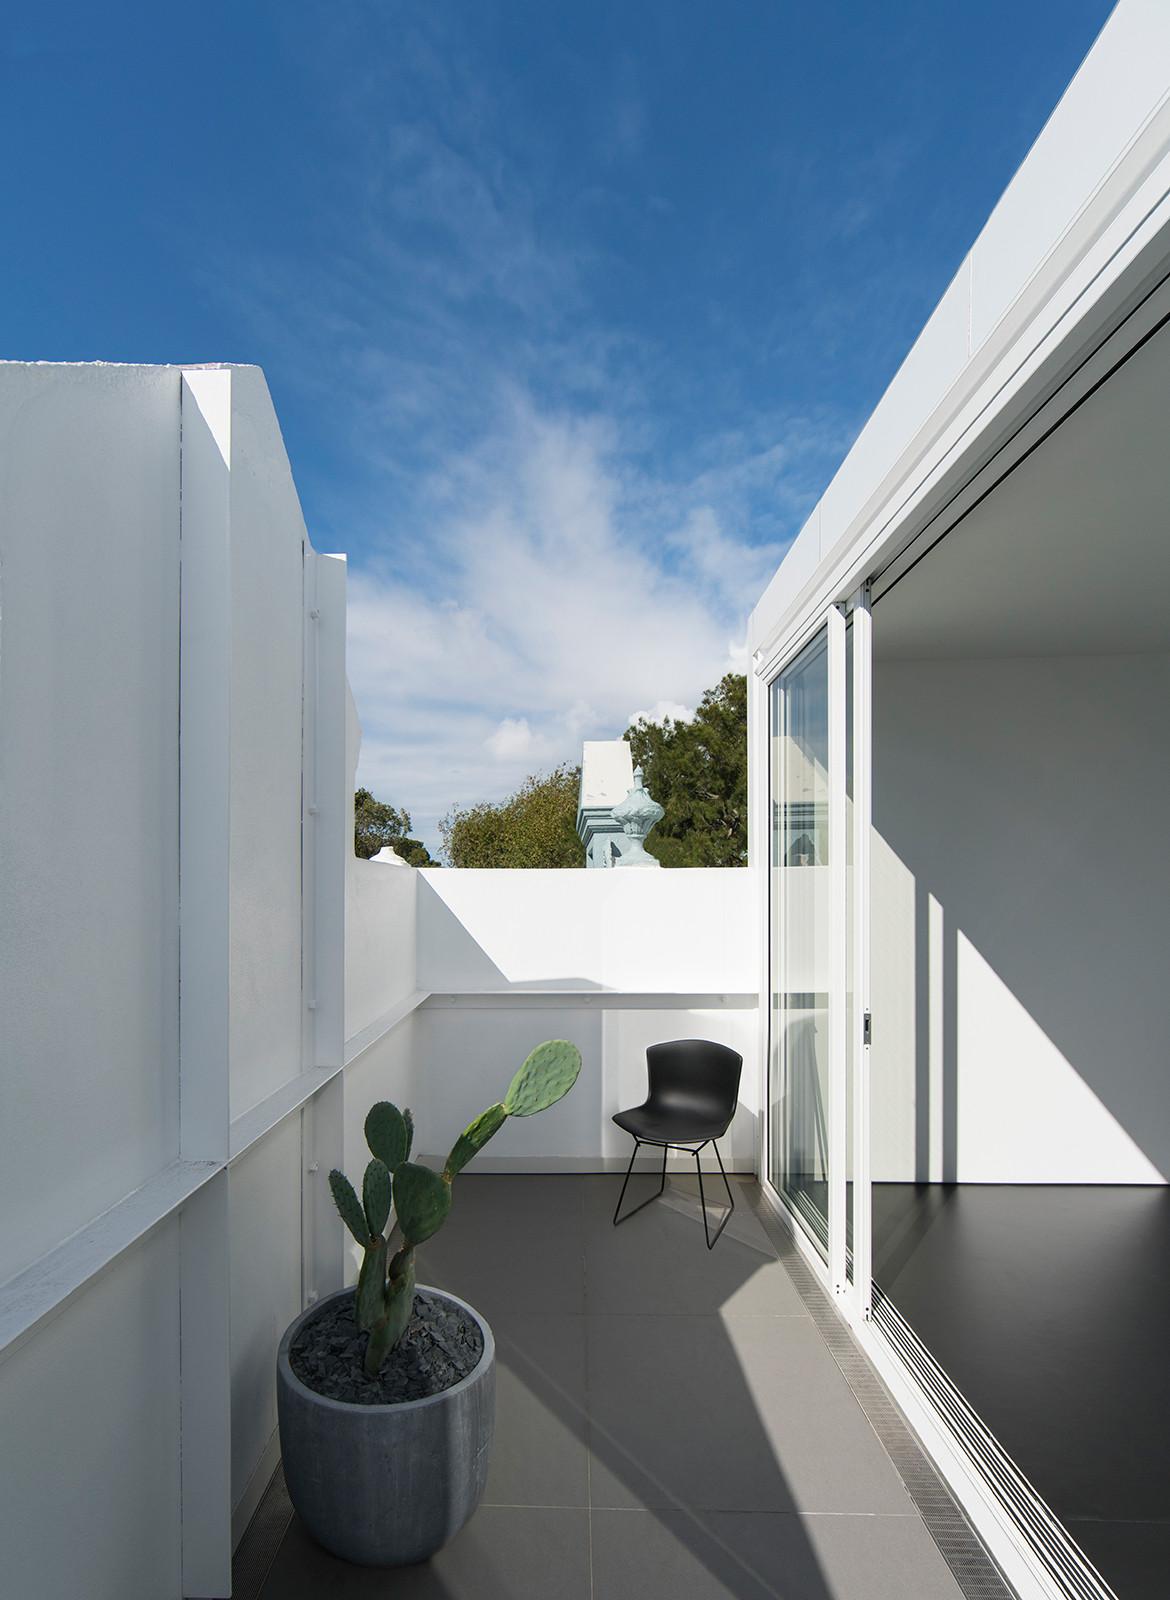 Hastings Van Nunen Ian Moore Architects CC Daniel Mayne balcony